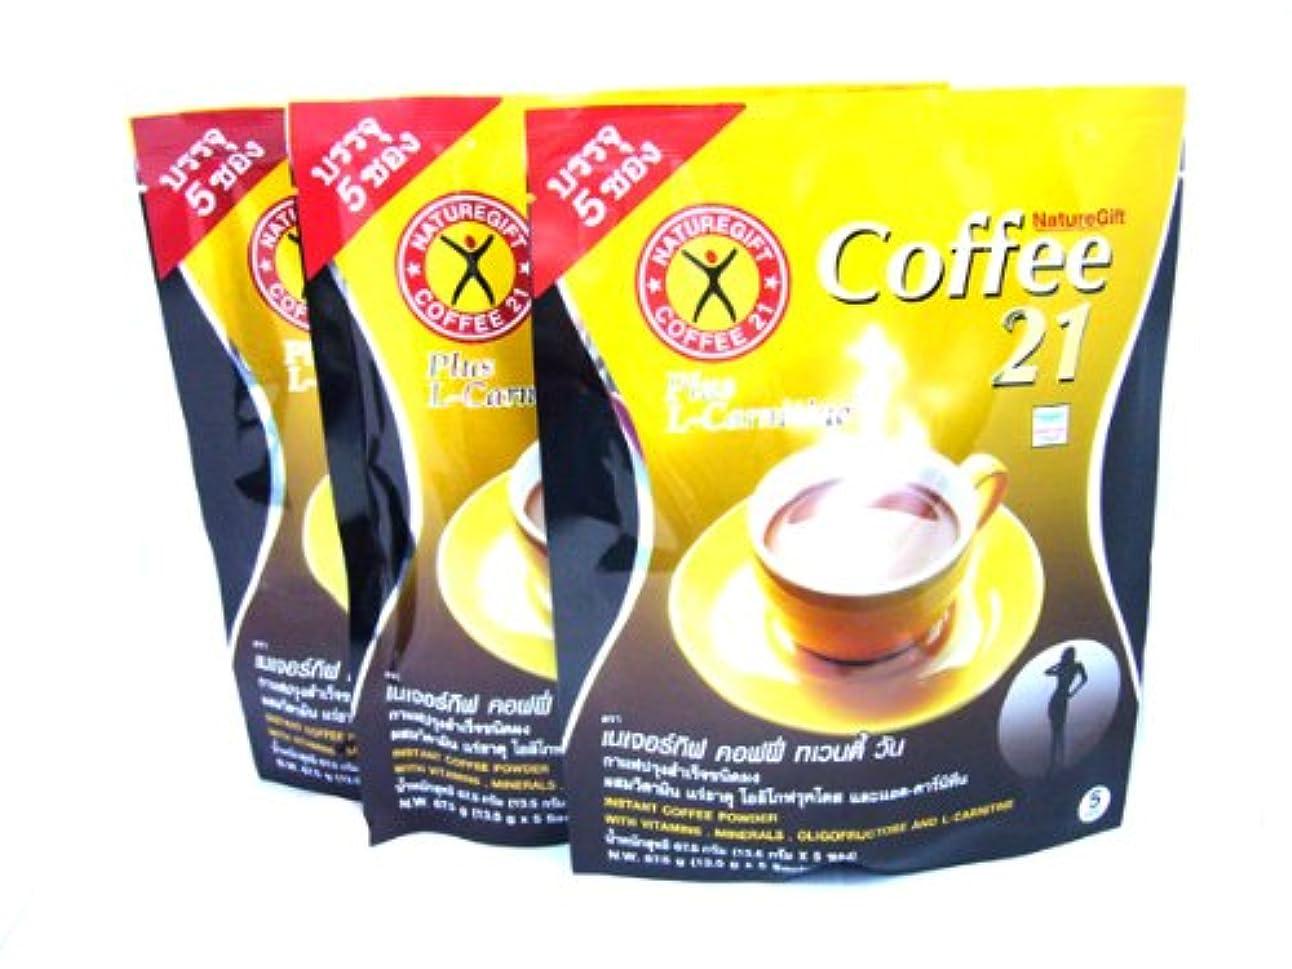 電話に出る政治家の測定可能3x Naturegift Instant Coffee Mix 21 Plus L-carnitine Slimming Weight Loss Diet Made in Thailand by alanroger